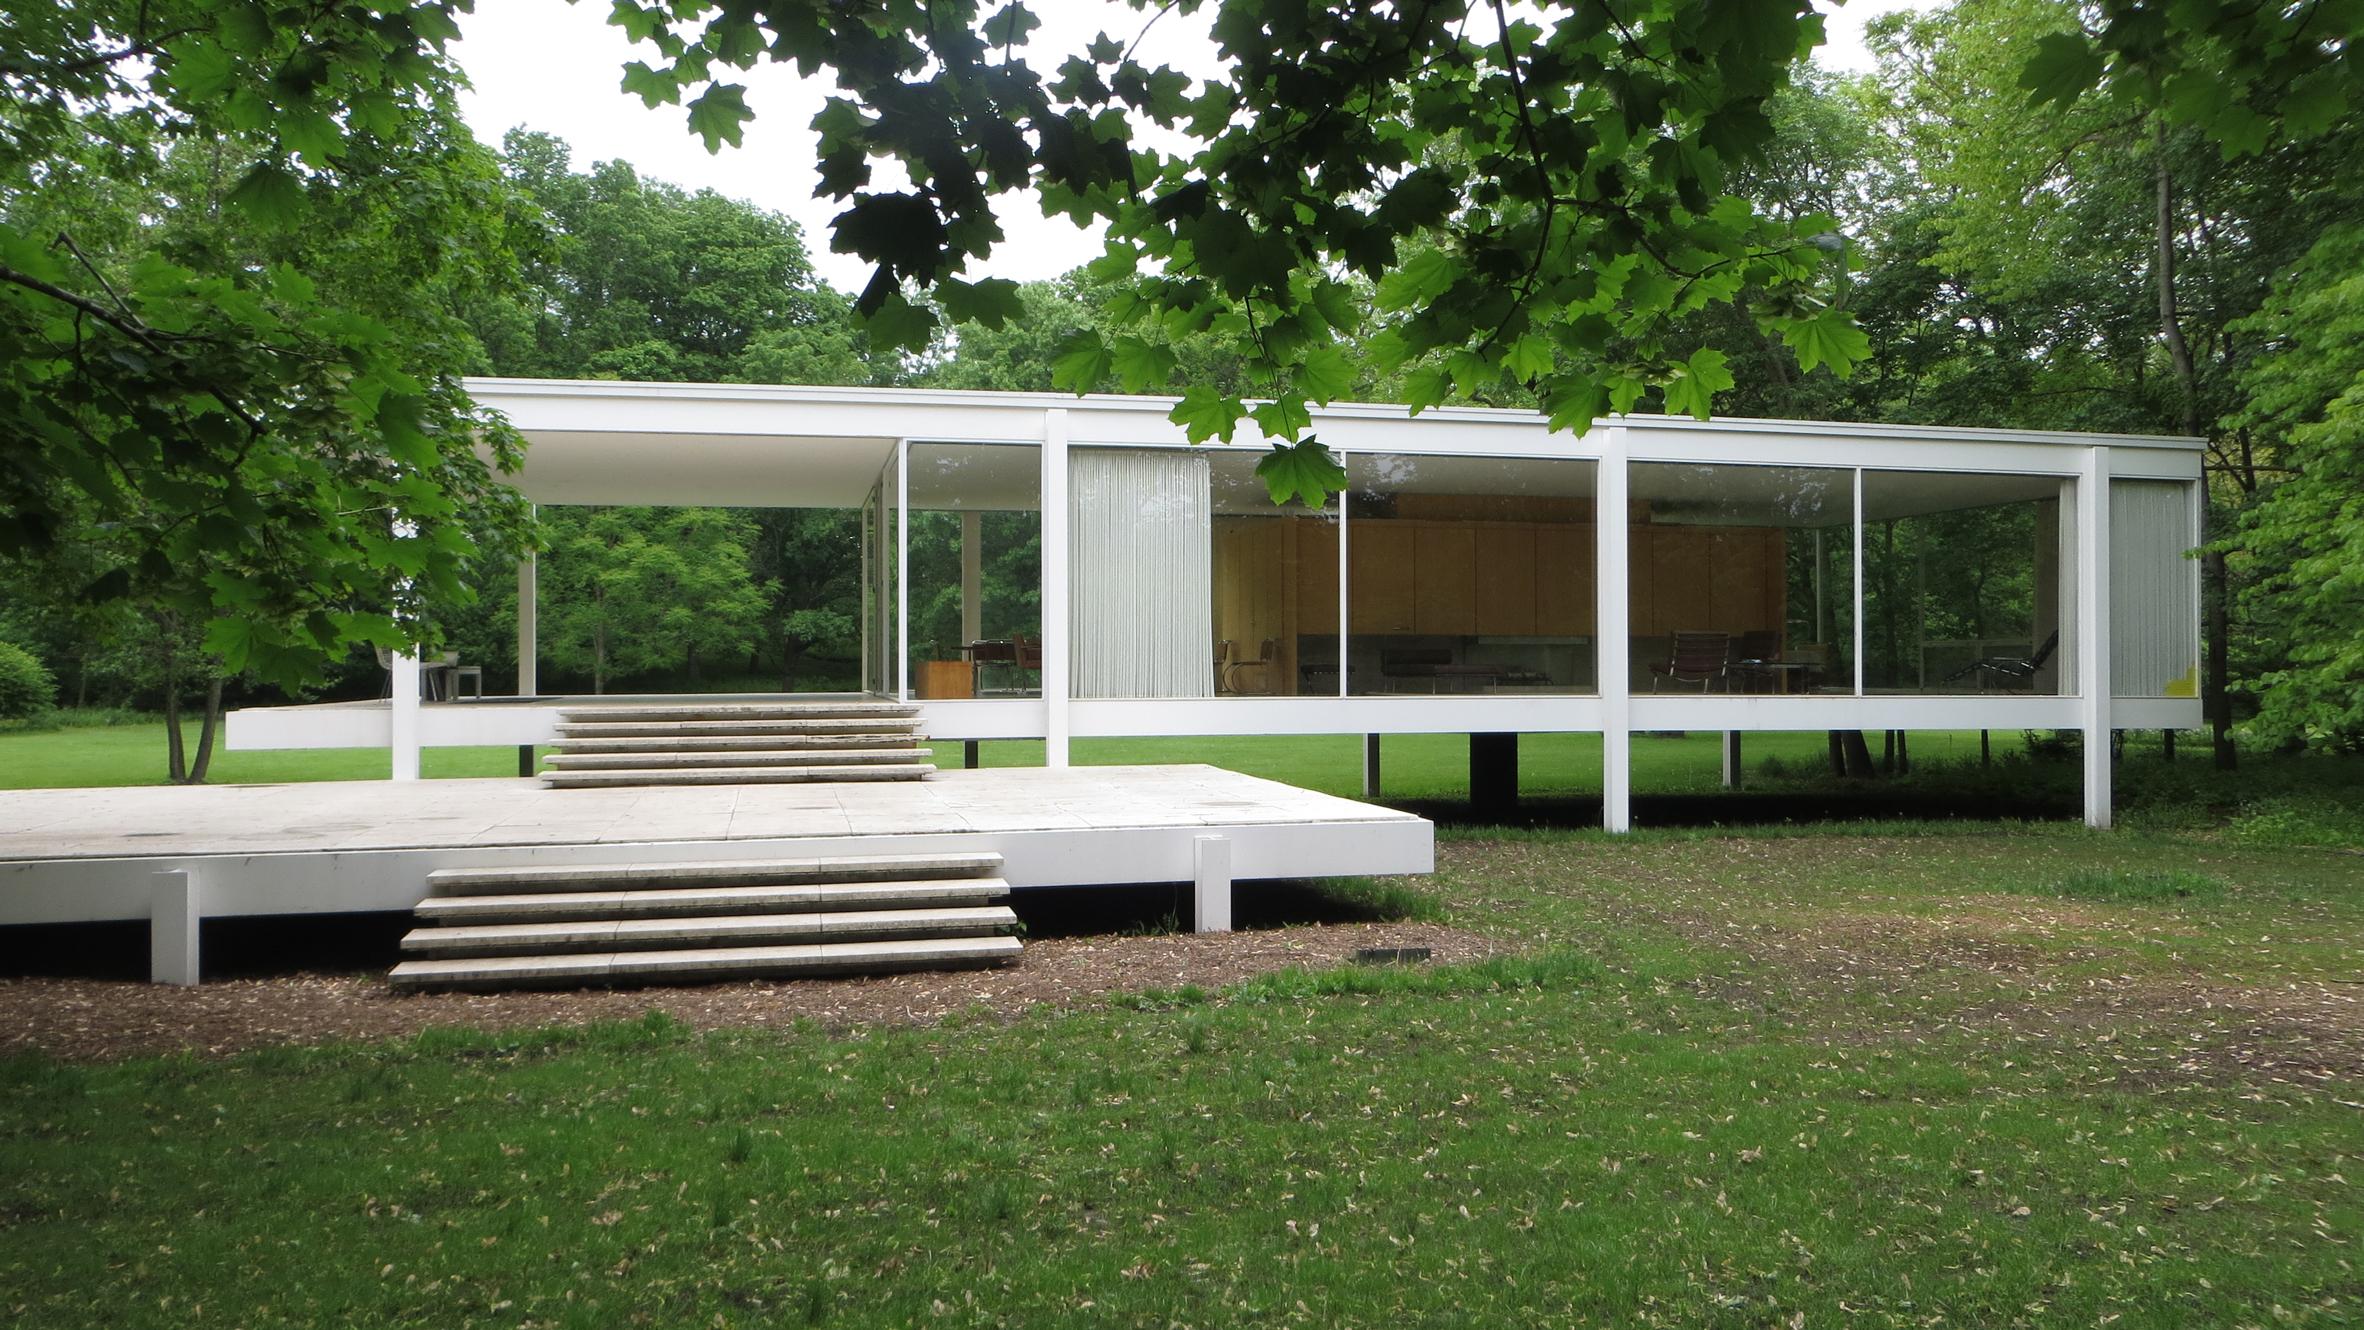 farnsworth-house-movie-news-architecture-mies-van-der-rohe_credit-flickr-user-david-wilson_dezeen_hero.jpg